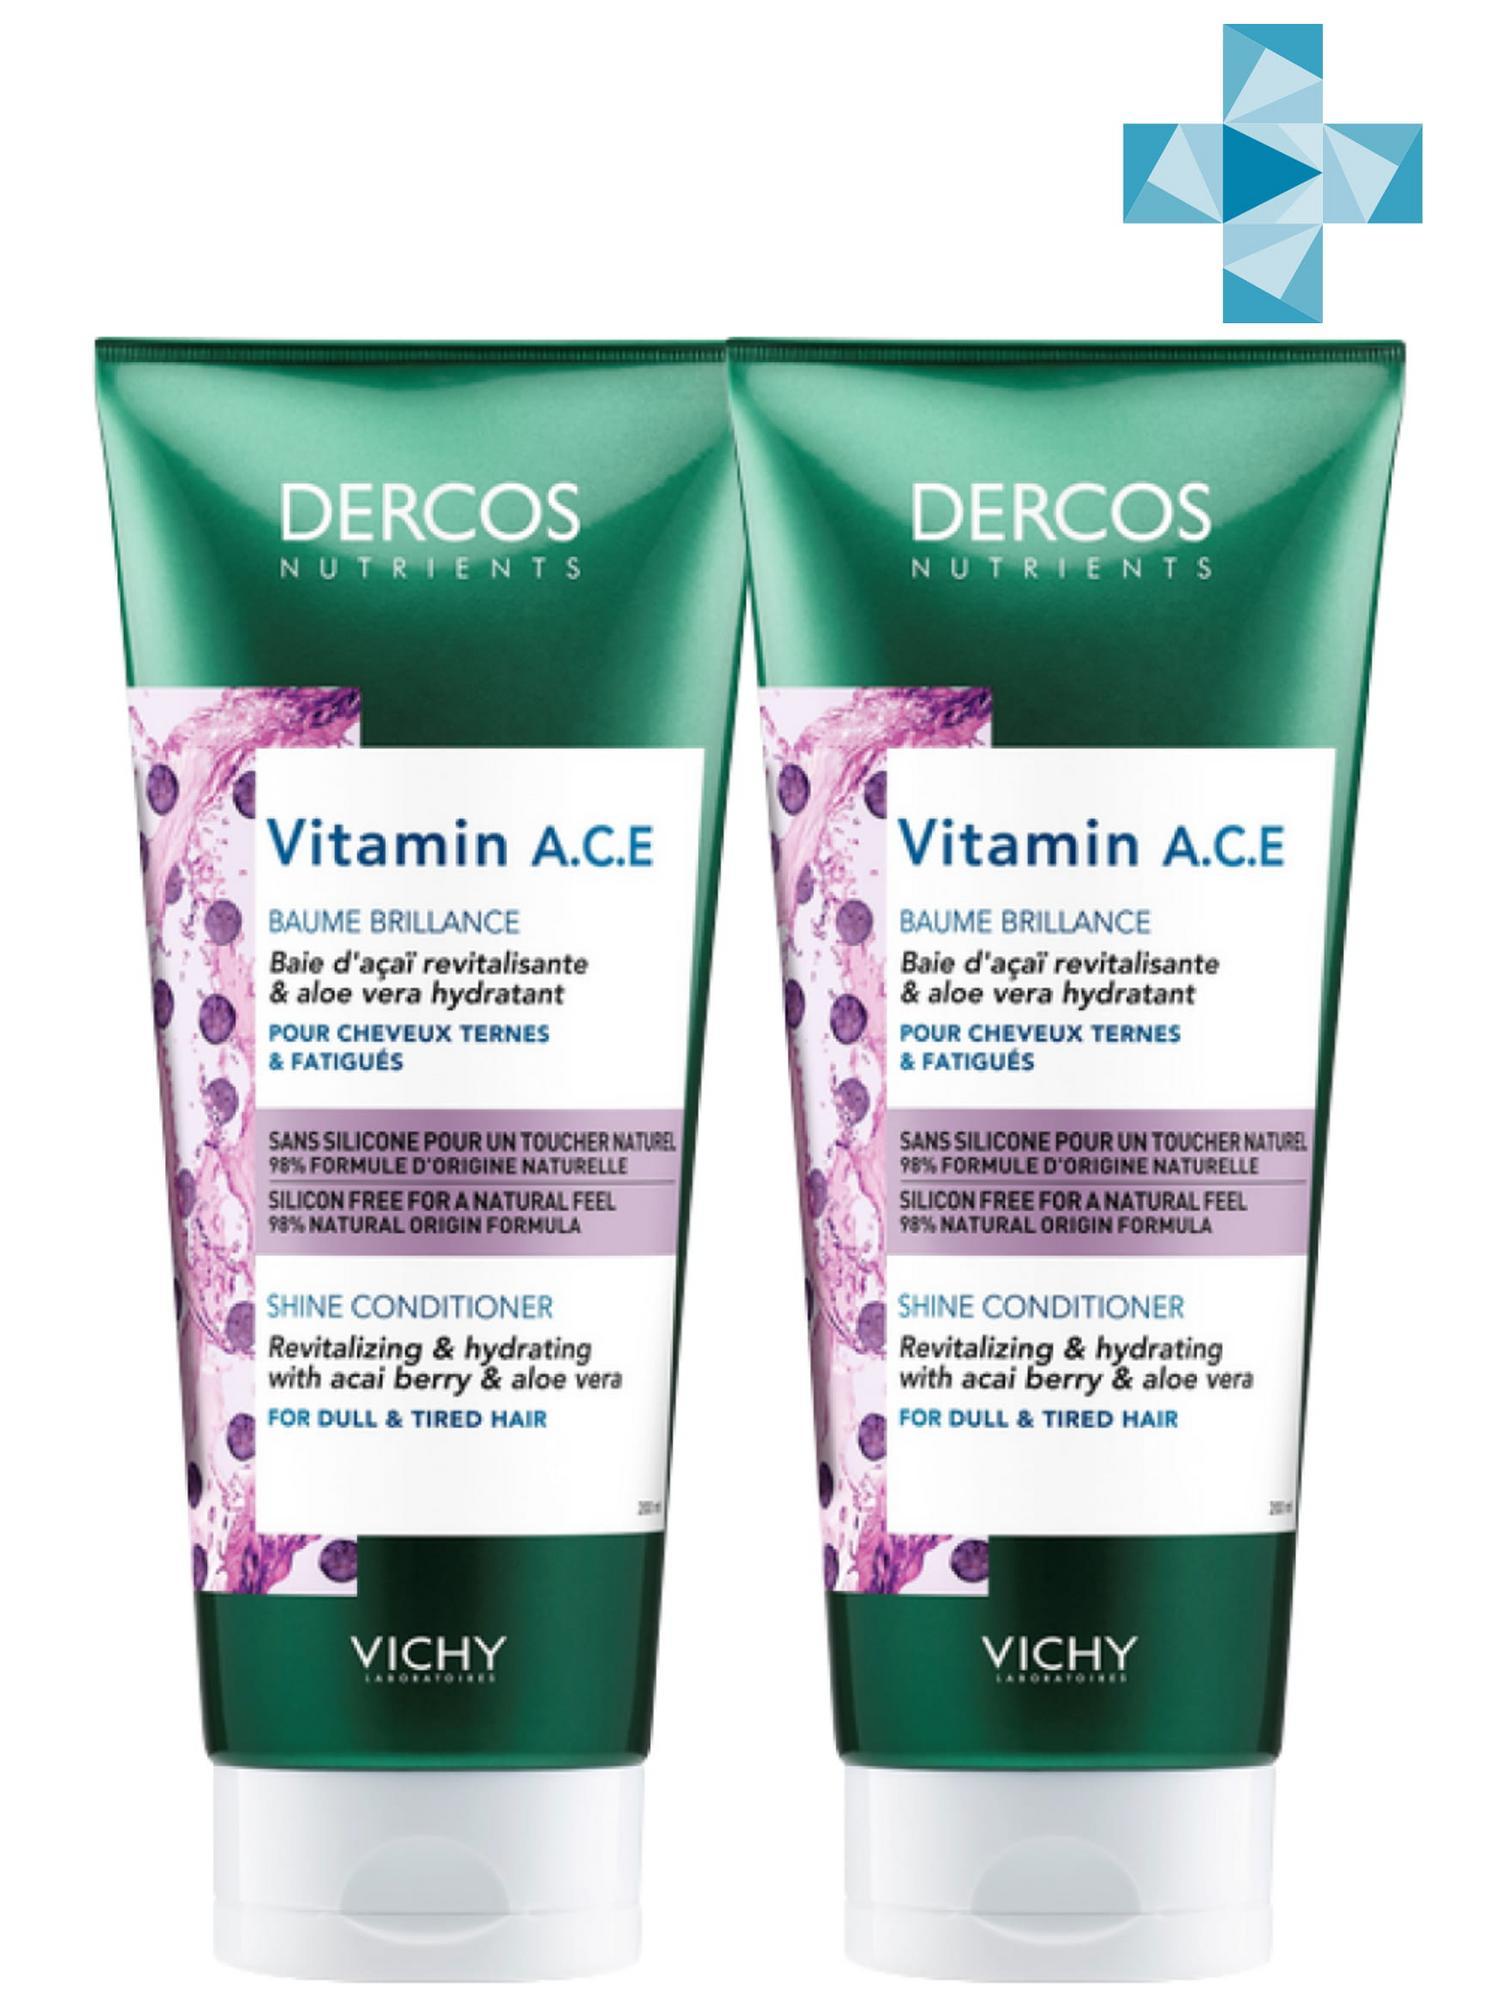 Купить Vichy Комплект Vitamin Кондиционер для блеска волос Dercos Nutrients, 2 шт. по 200 мл (Vichy, Dercos Nutrients), Франция